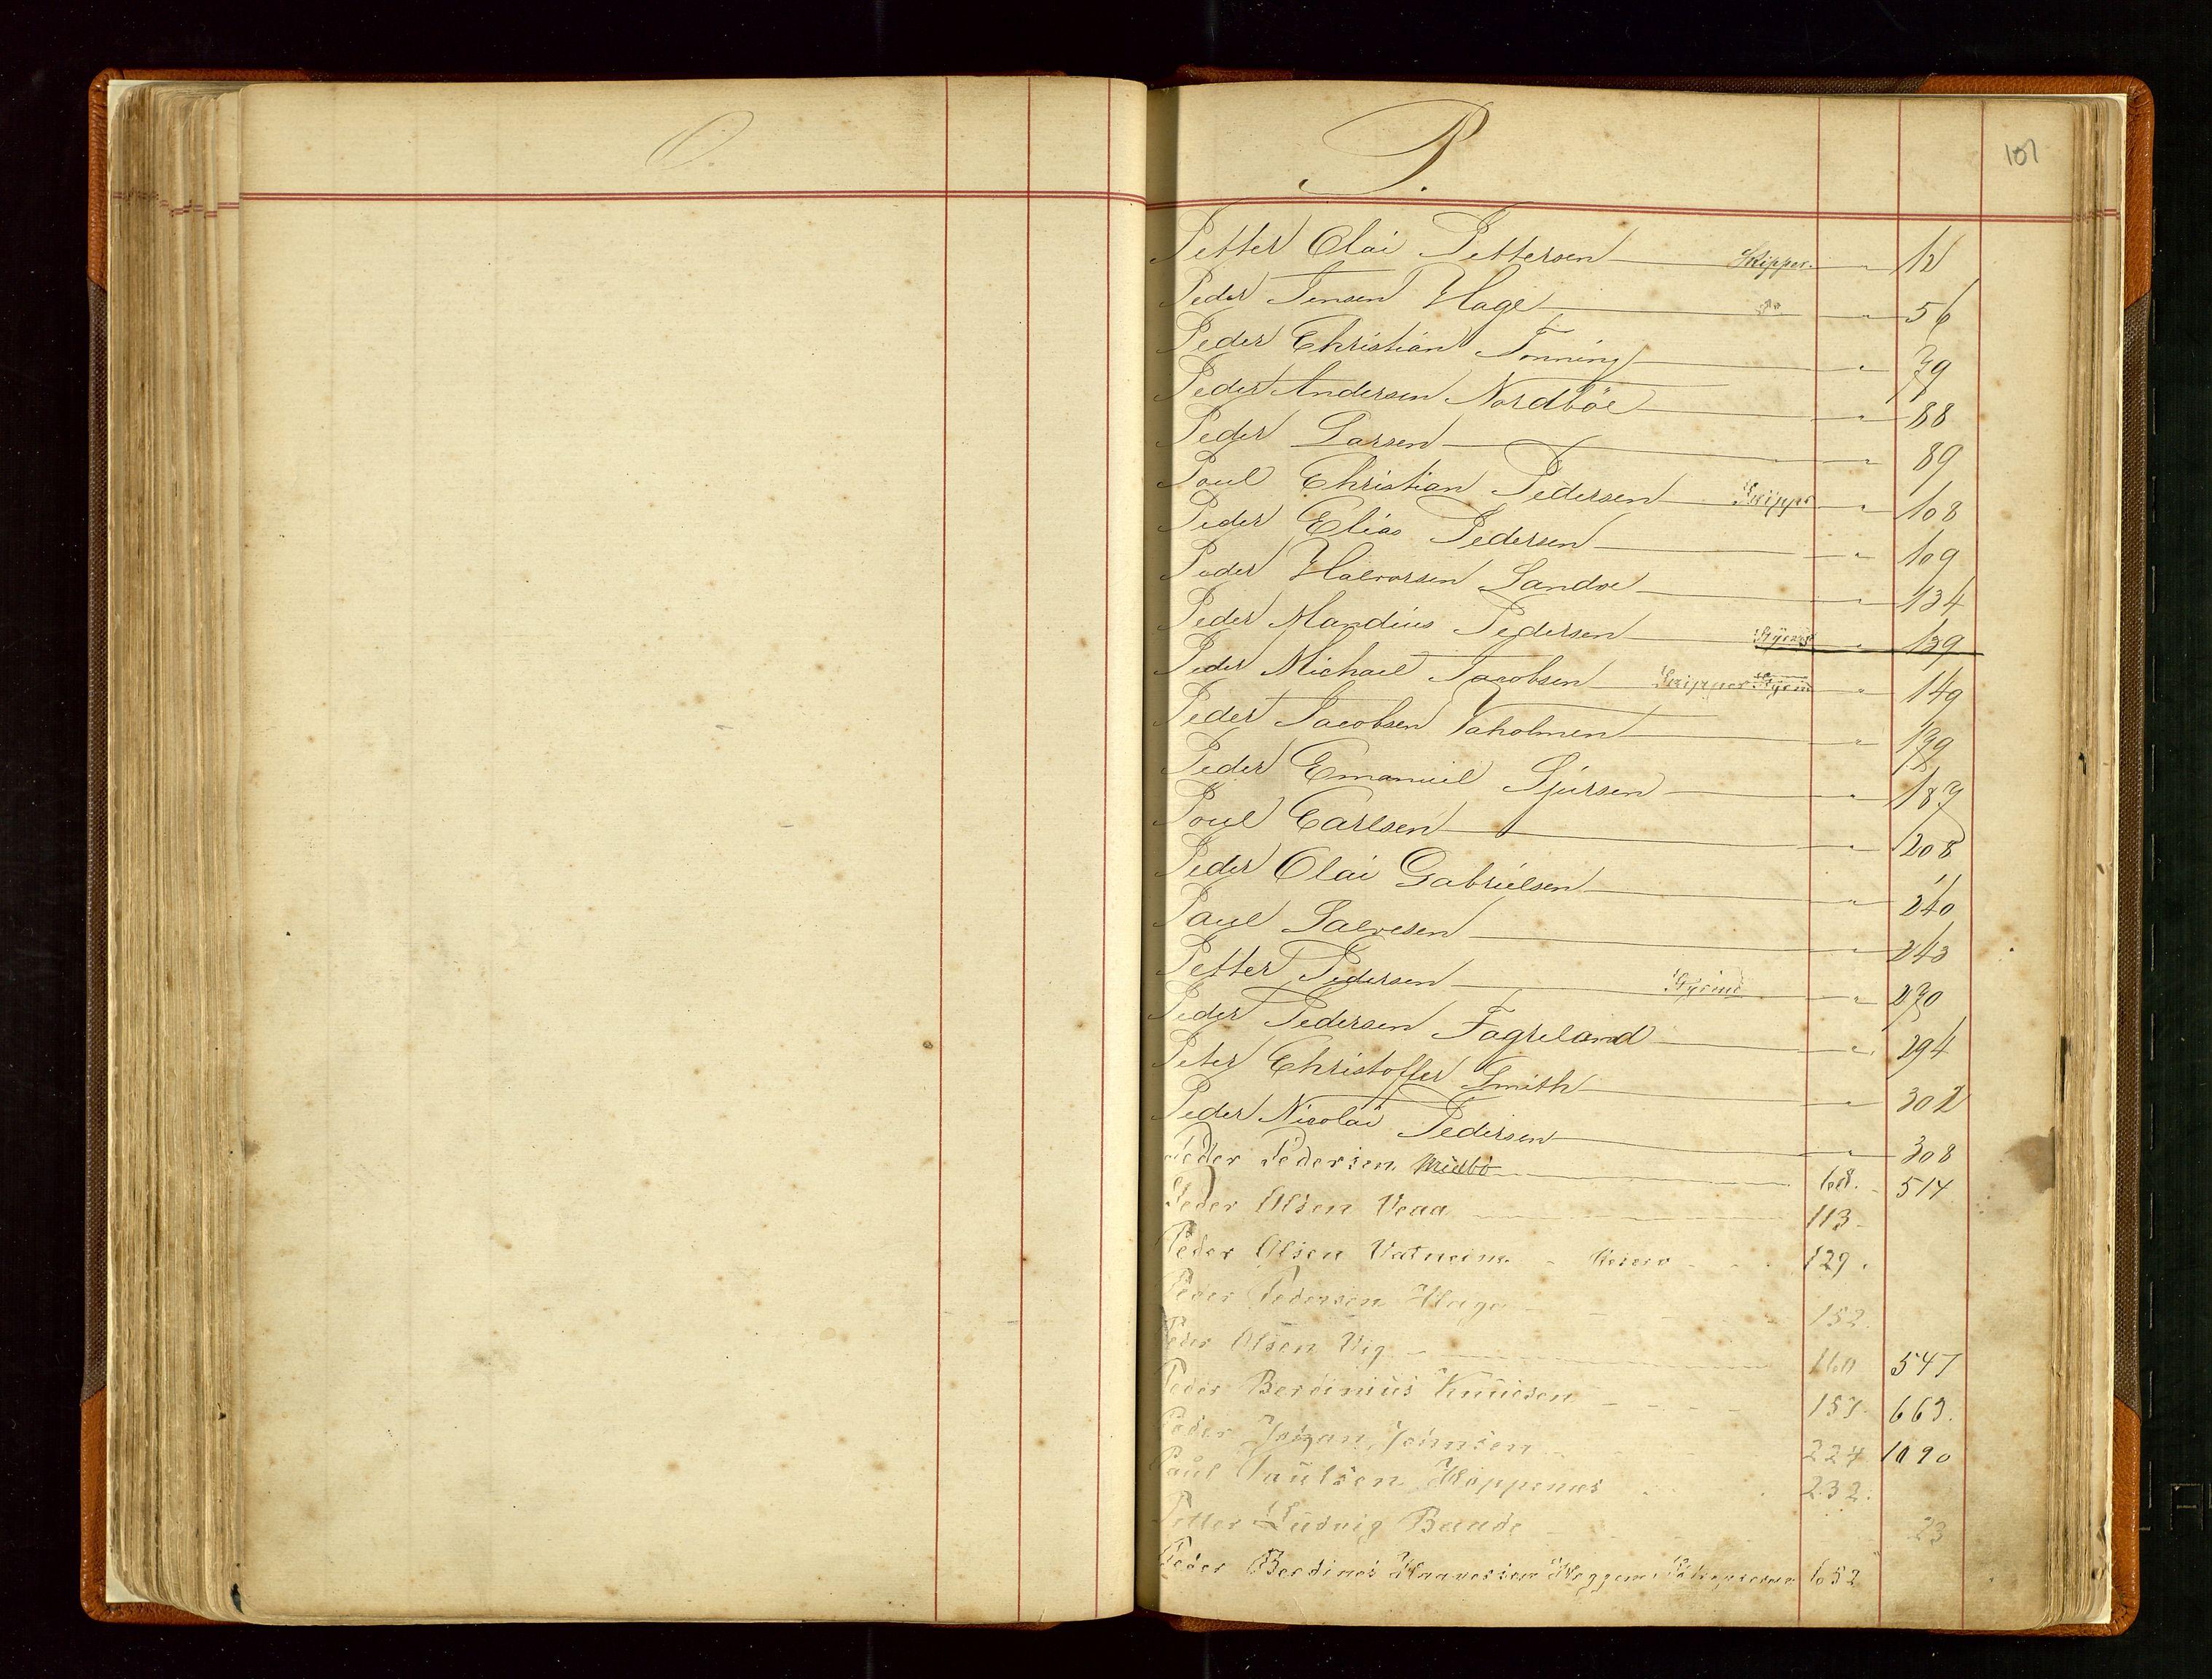 SAST, Haugesund sjømannskontor, F/Fb/Fba/L0003: Navneregister med henvisning til rullenummer (fornavn) Haugesund krets, 1860-1948, p. 101